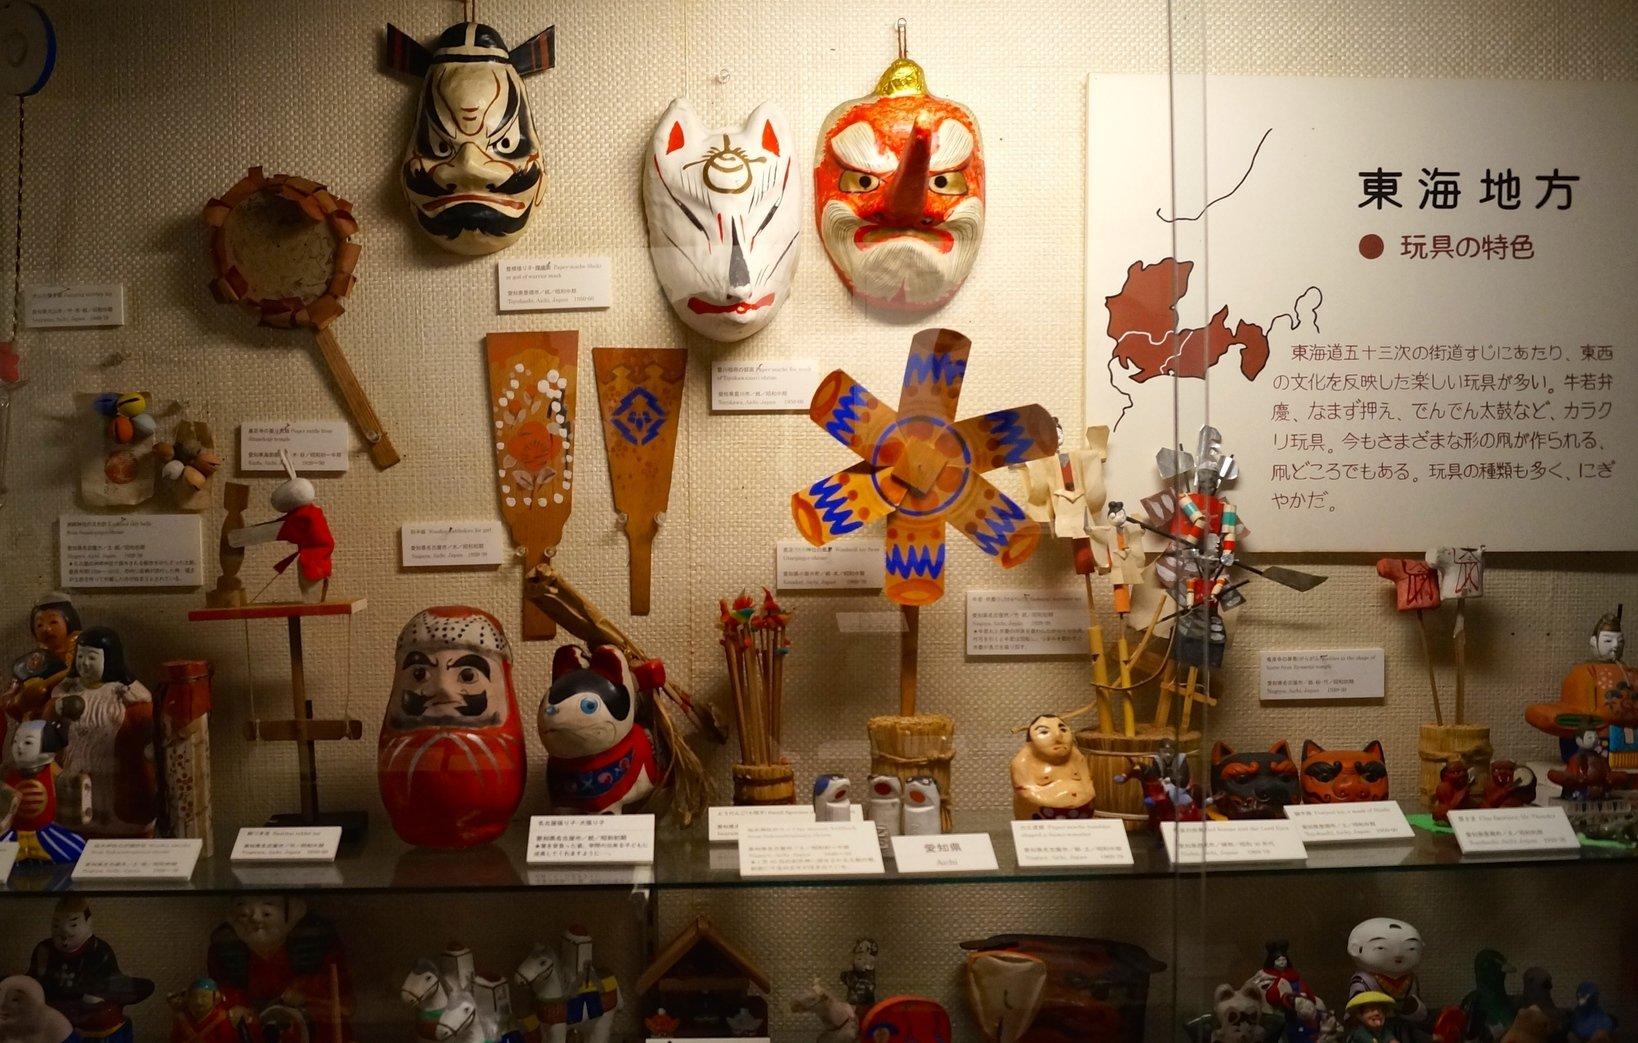 4号館では日本の地方別に分けて、郷土玩具が展示されています。写真は東海地方